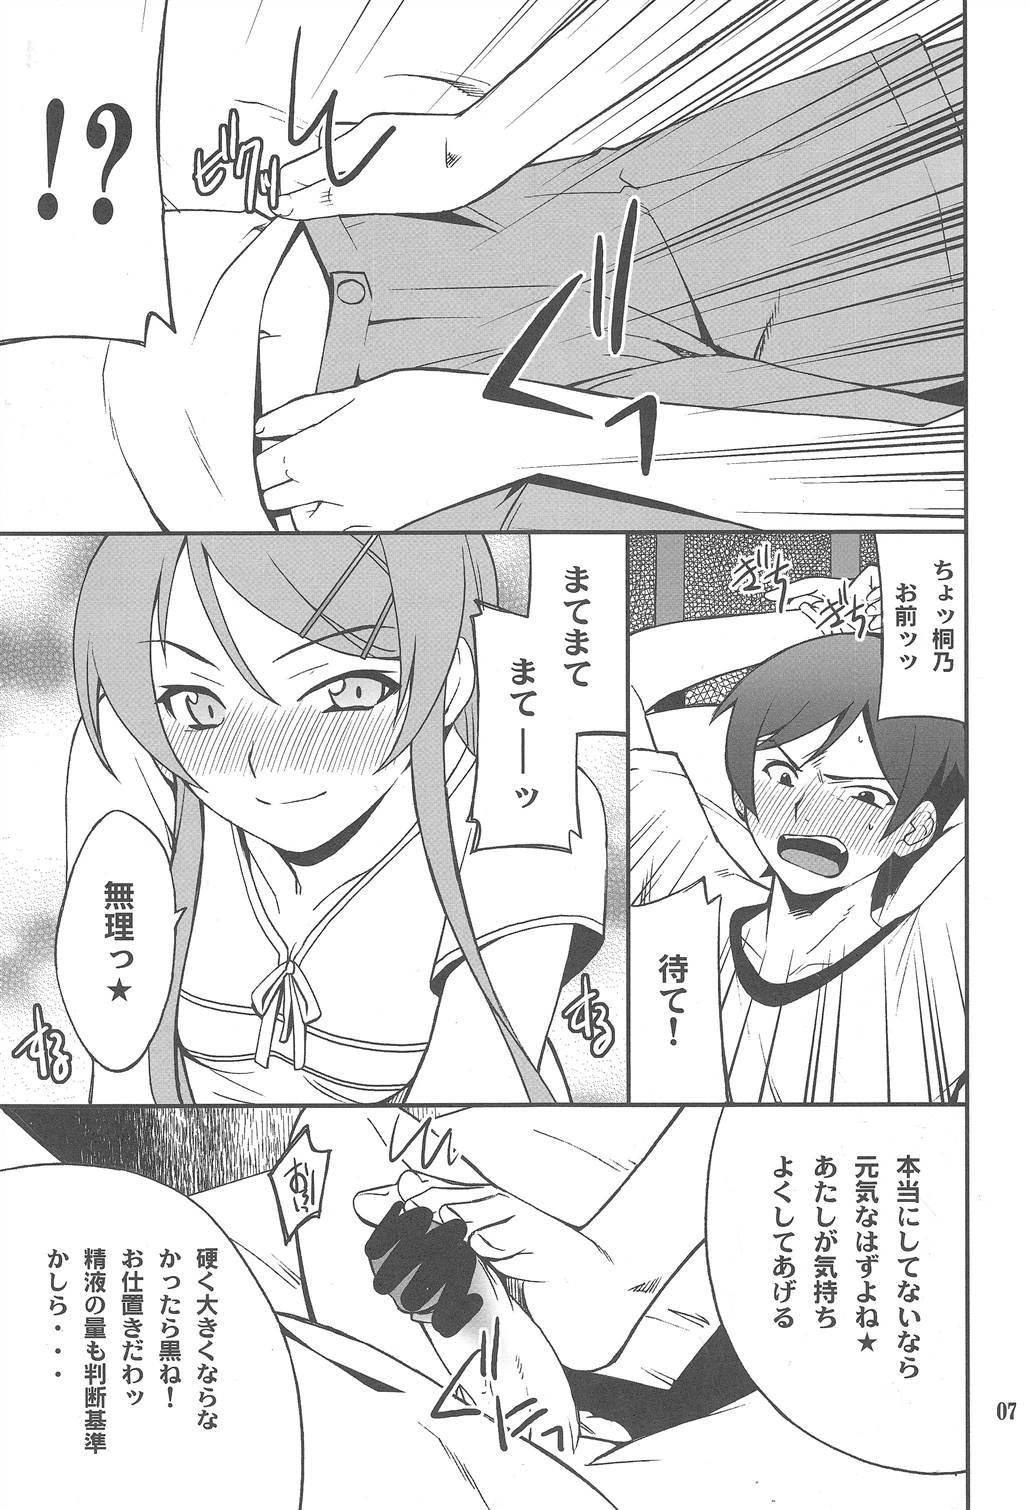 Ore x Imouto Kouryaku Daisakusen!! 03 5